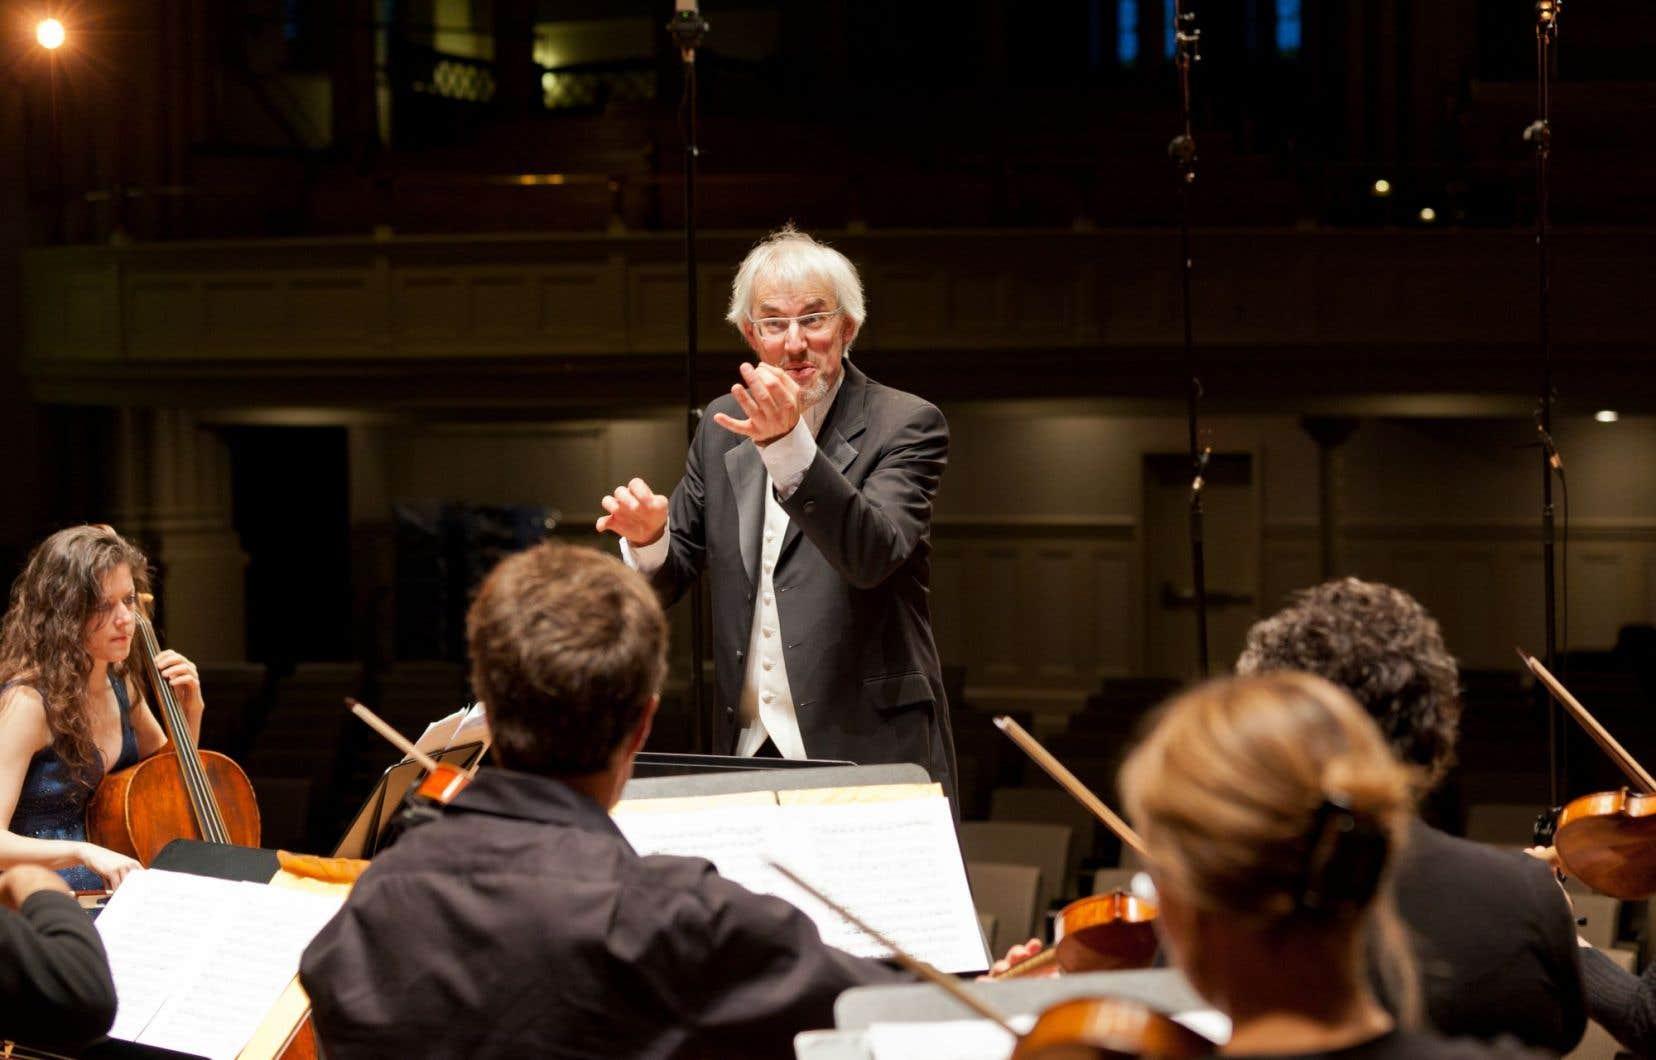 C'est l'Ensemble Caprice conduit par Matthias Maute qui ouvrira Montréal baroque avec les «Vêpres de la Vierge» de Monteverdi.